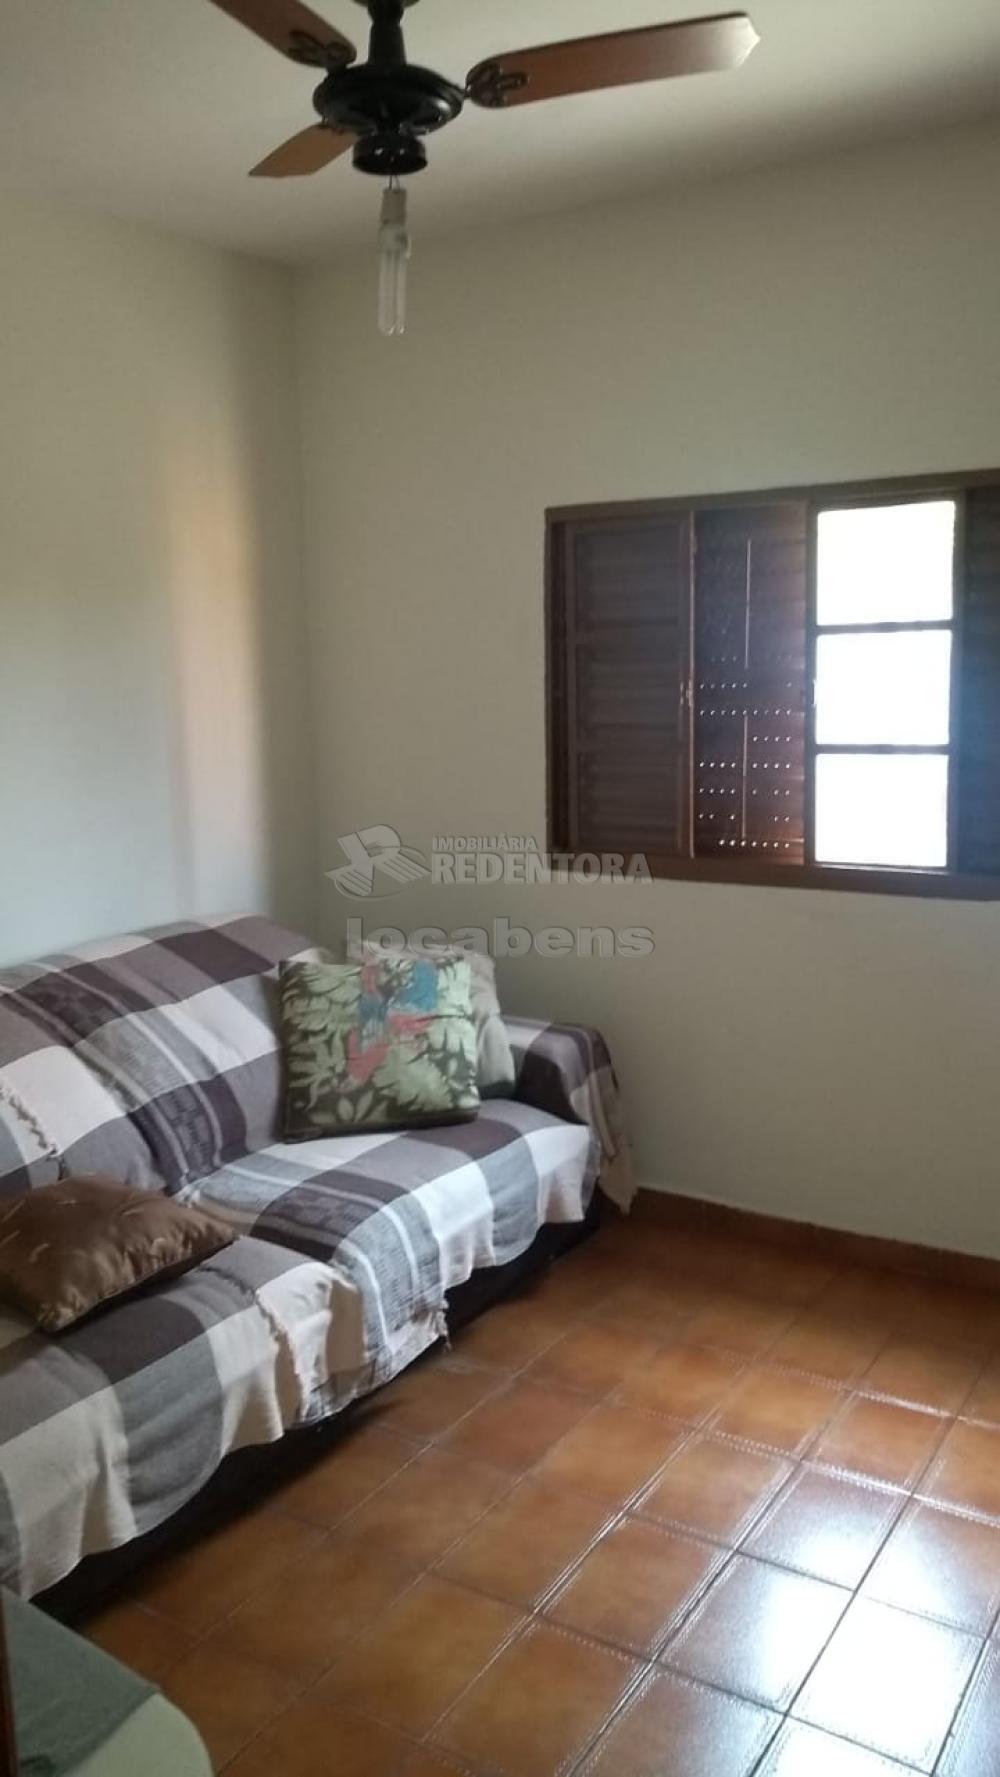 Comprar Casa / Padrão em São José do Rio Preto apenas R$ 230.000,00 - Foto 15